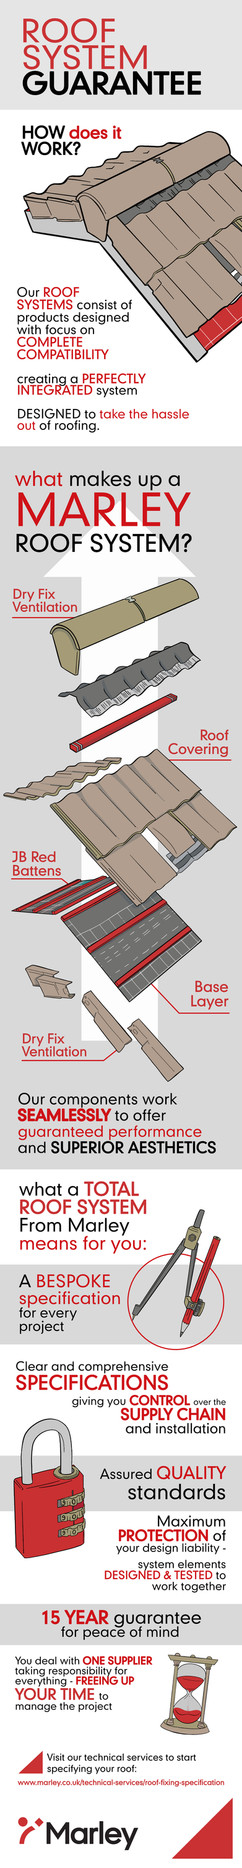 MARLEY Roof System Guarentee V3.jpg